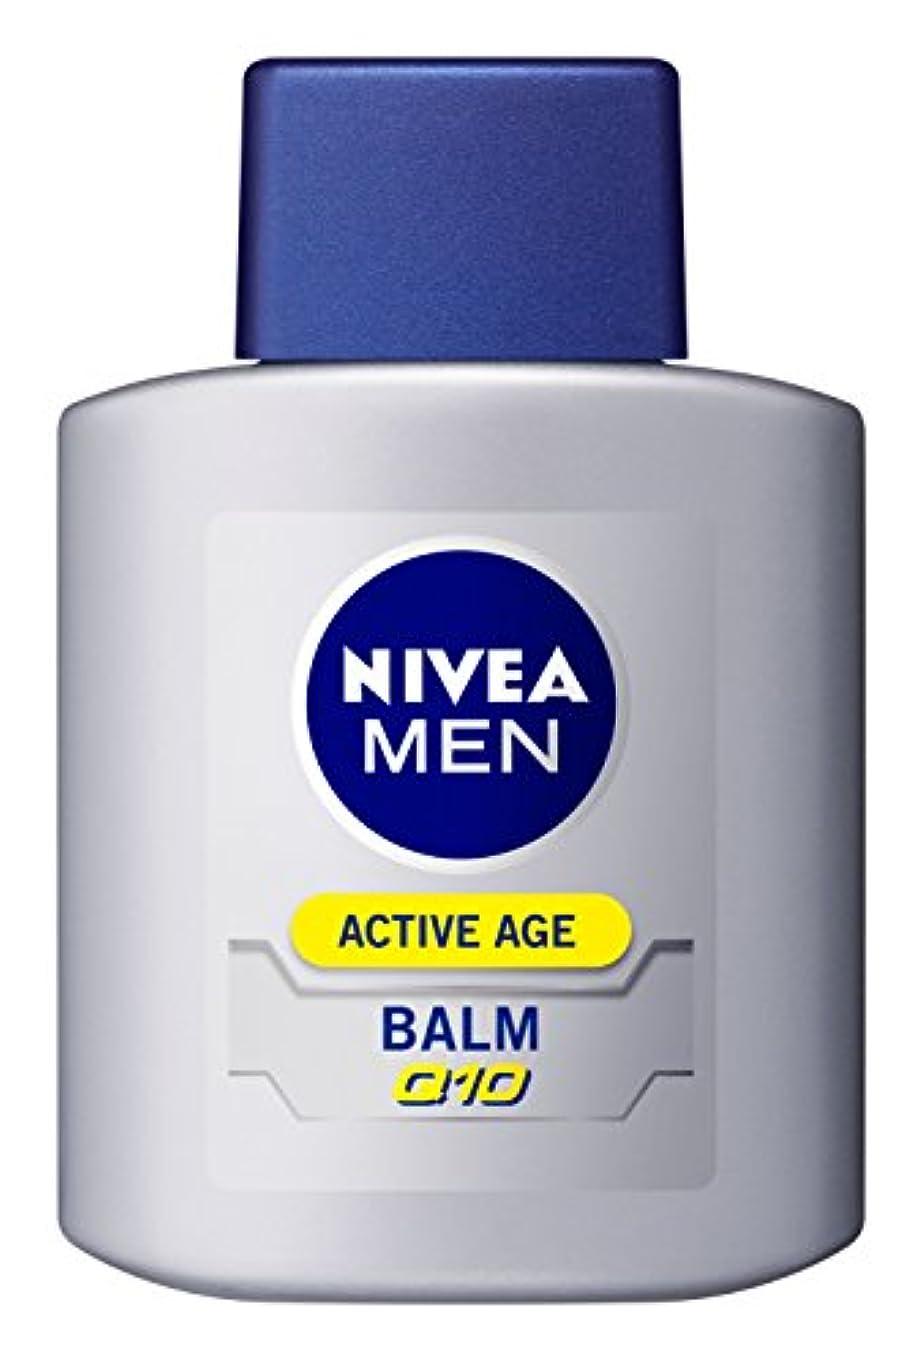 インレイ適切な繊維ニベアメン アクティブエイジバーム 100ml 男性用 乳液 エイジングケア